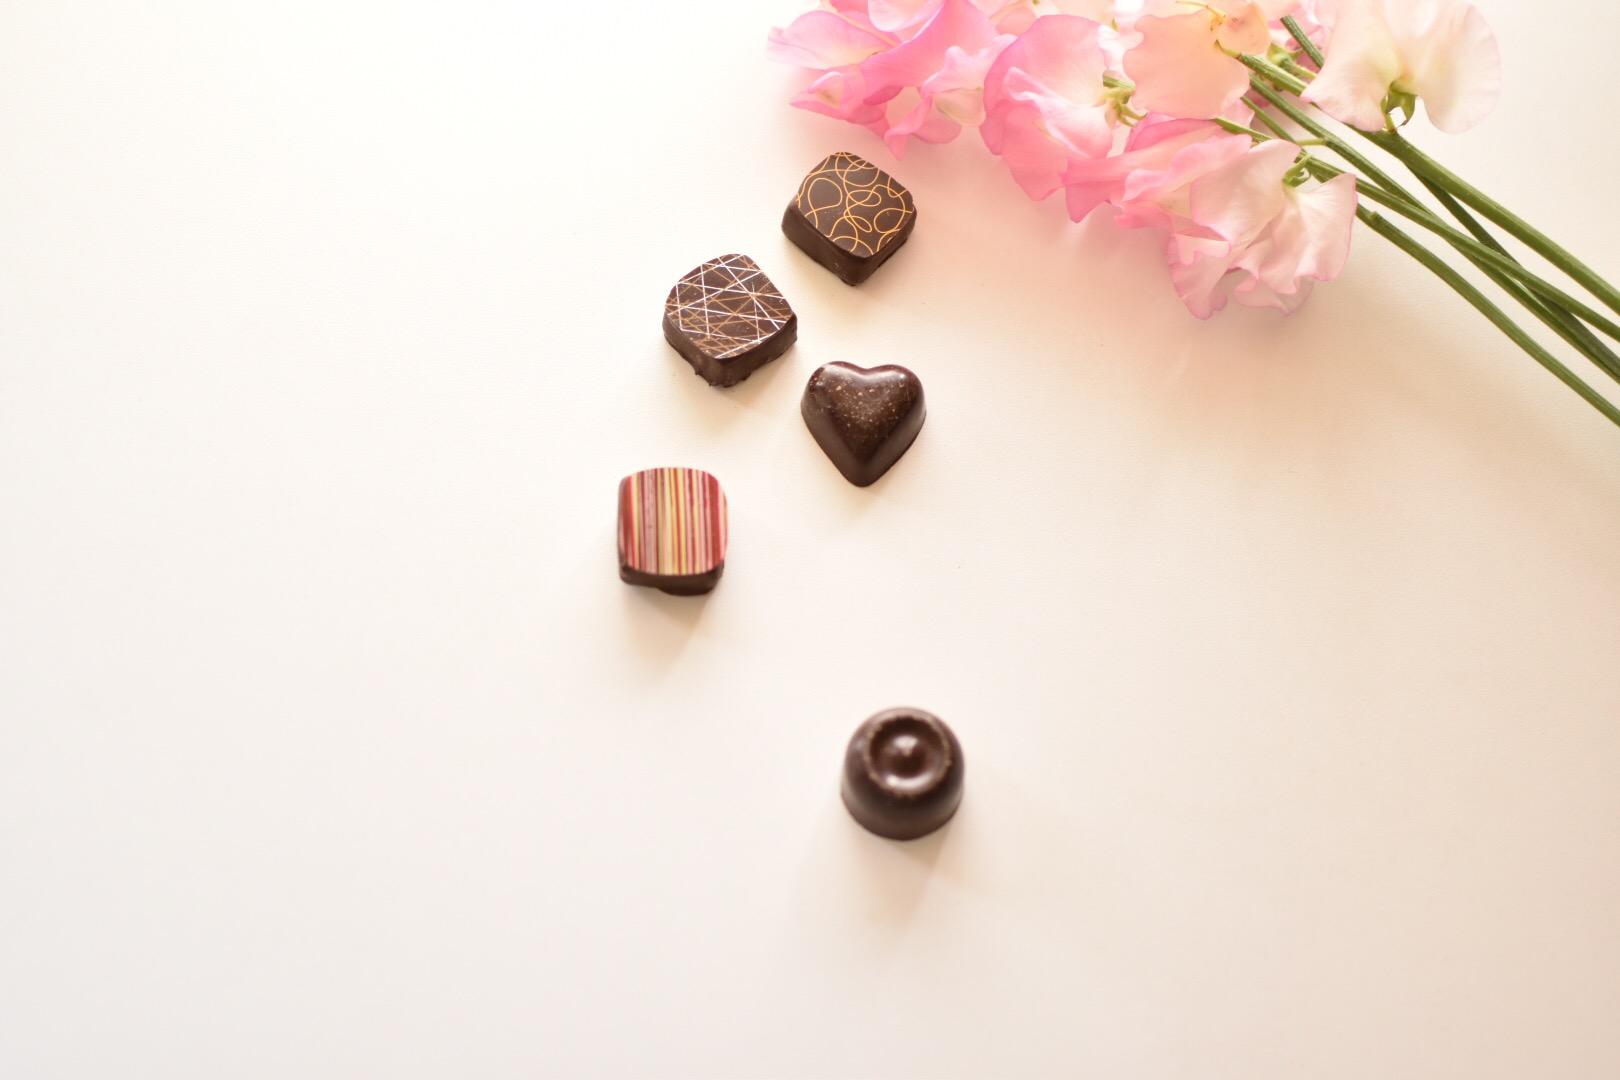 バレンタインデー!チョコレートに合うおススメ!スペシャルティコーヒー!浅煎り~深煎り